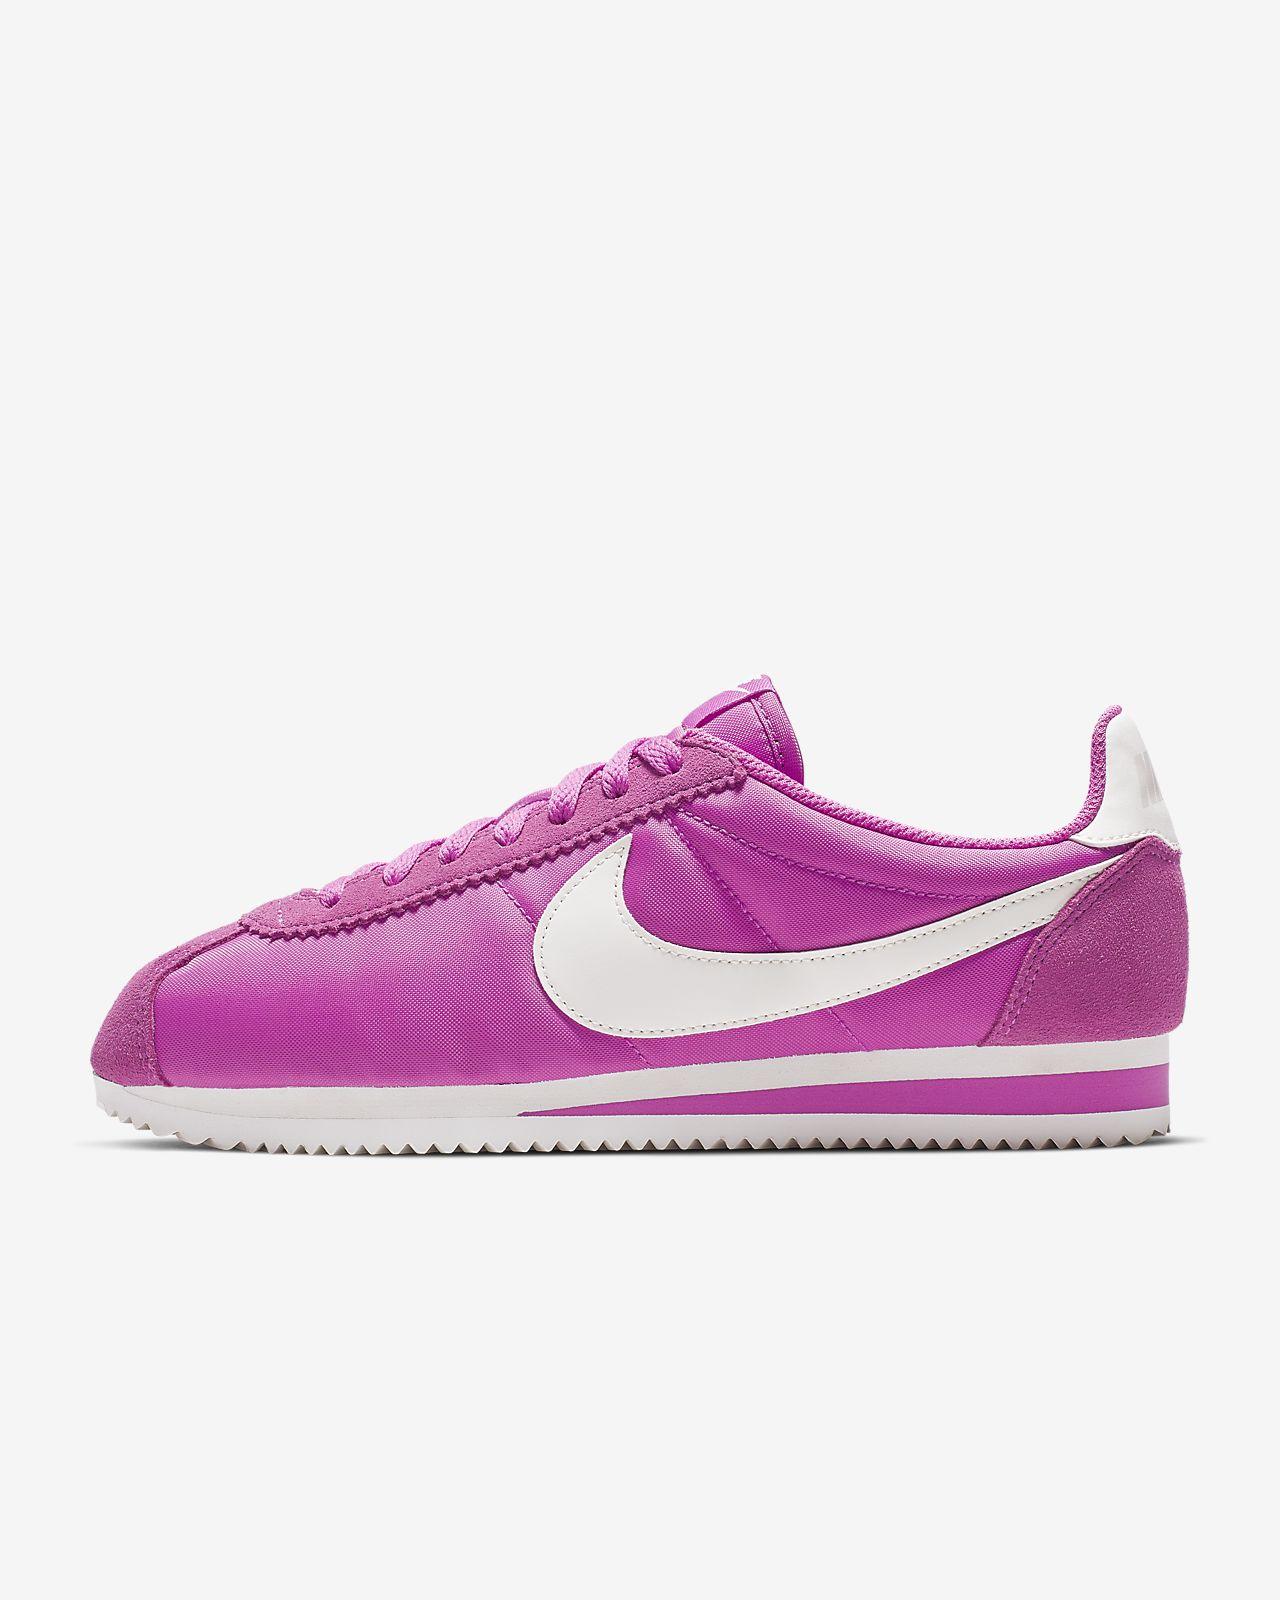 Sko Nike Classic Cortez Nylon för kvinnor